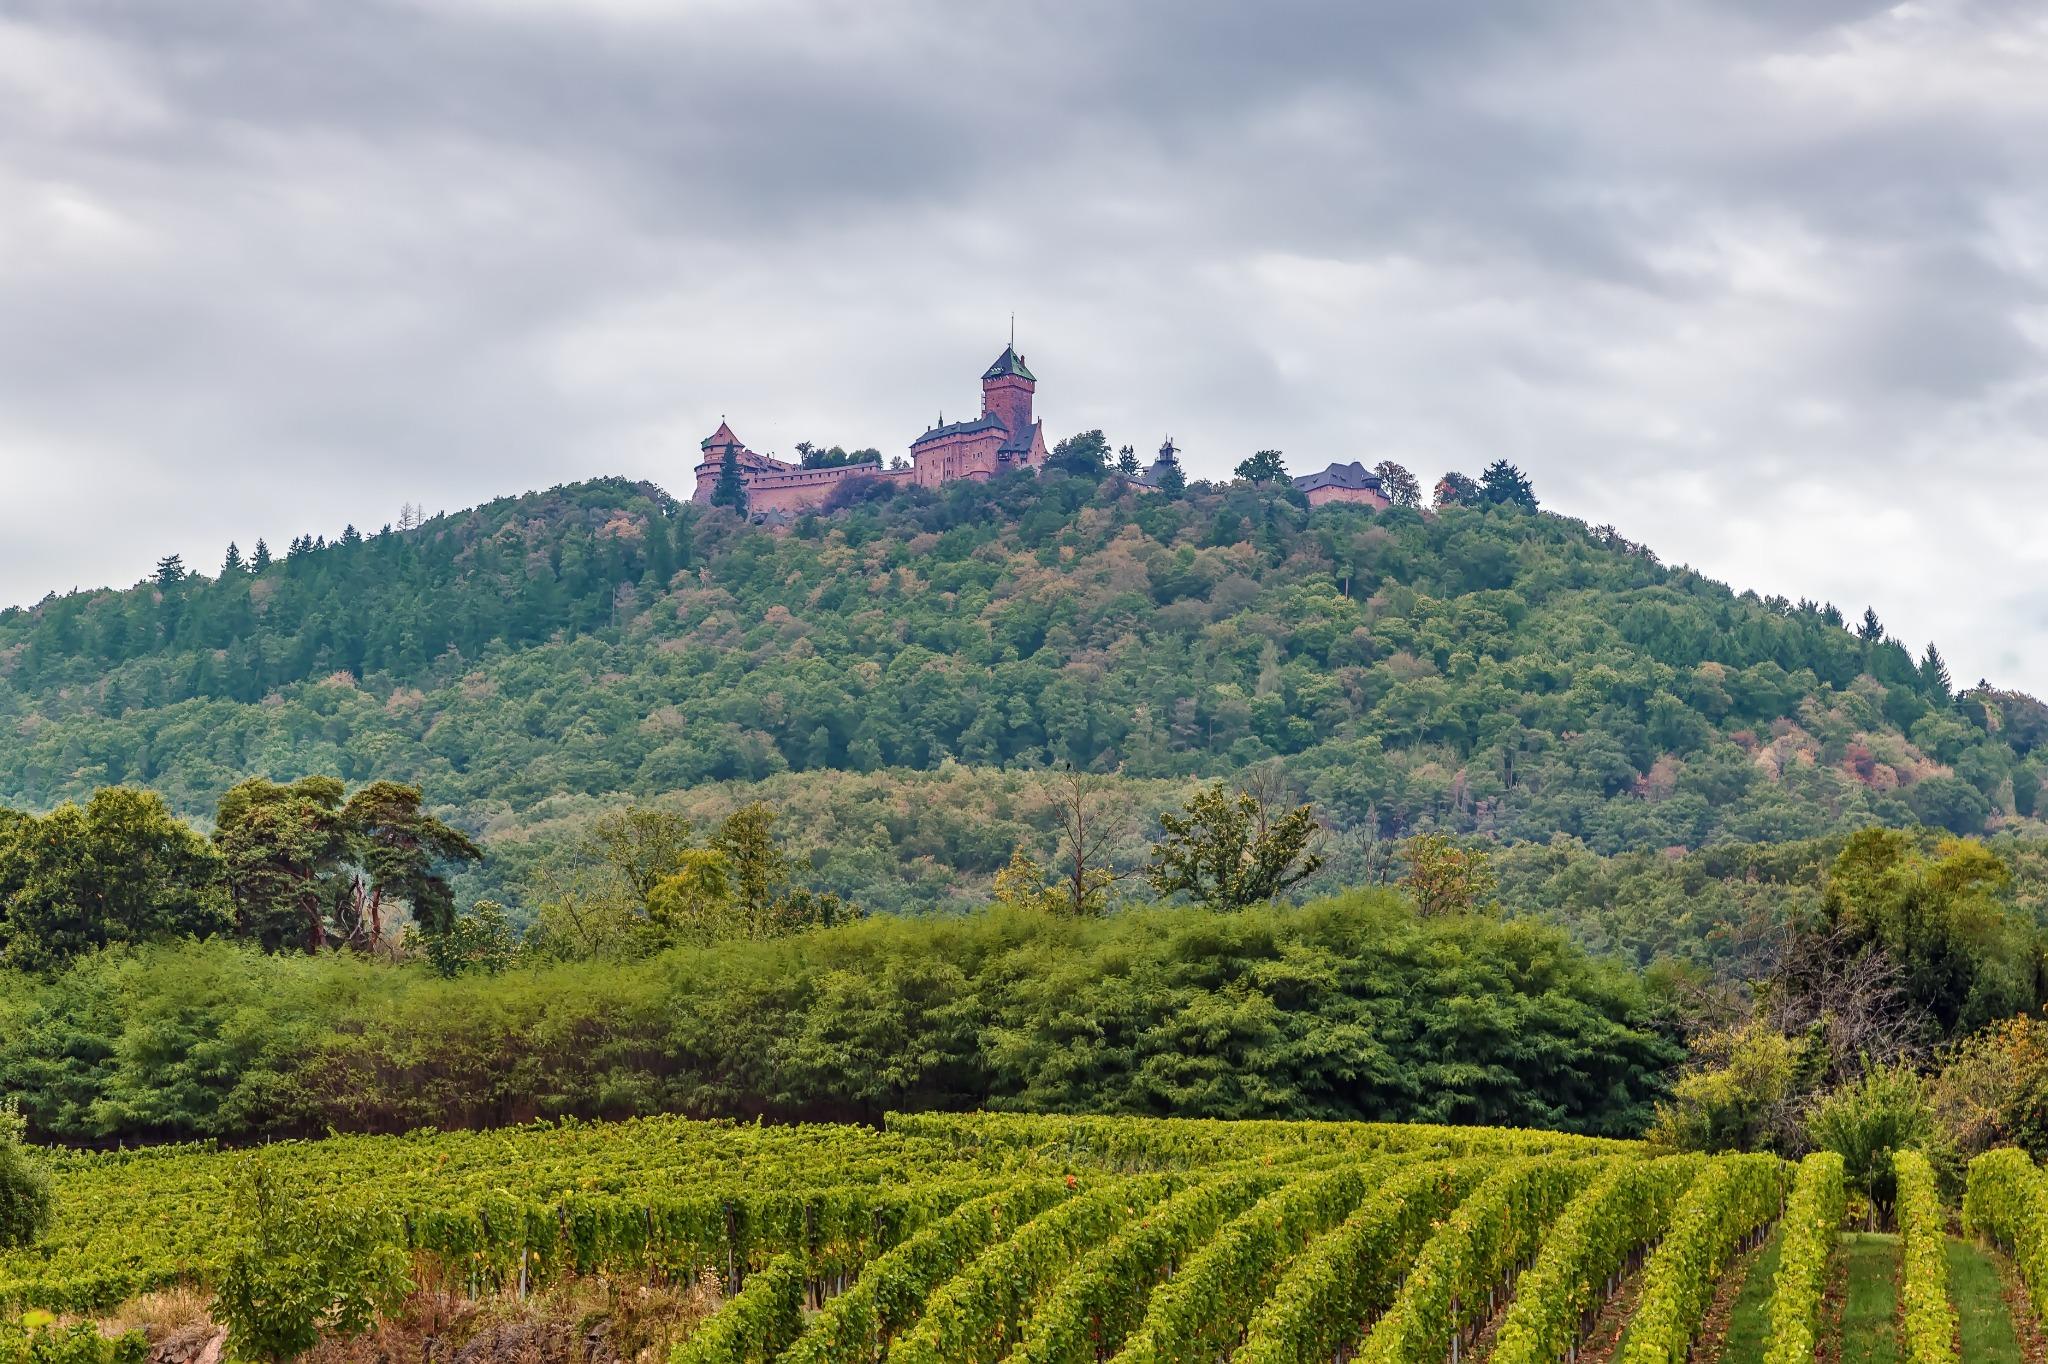 Château du Haut-Koenigsbourg Alsace